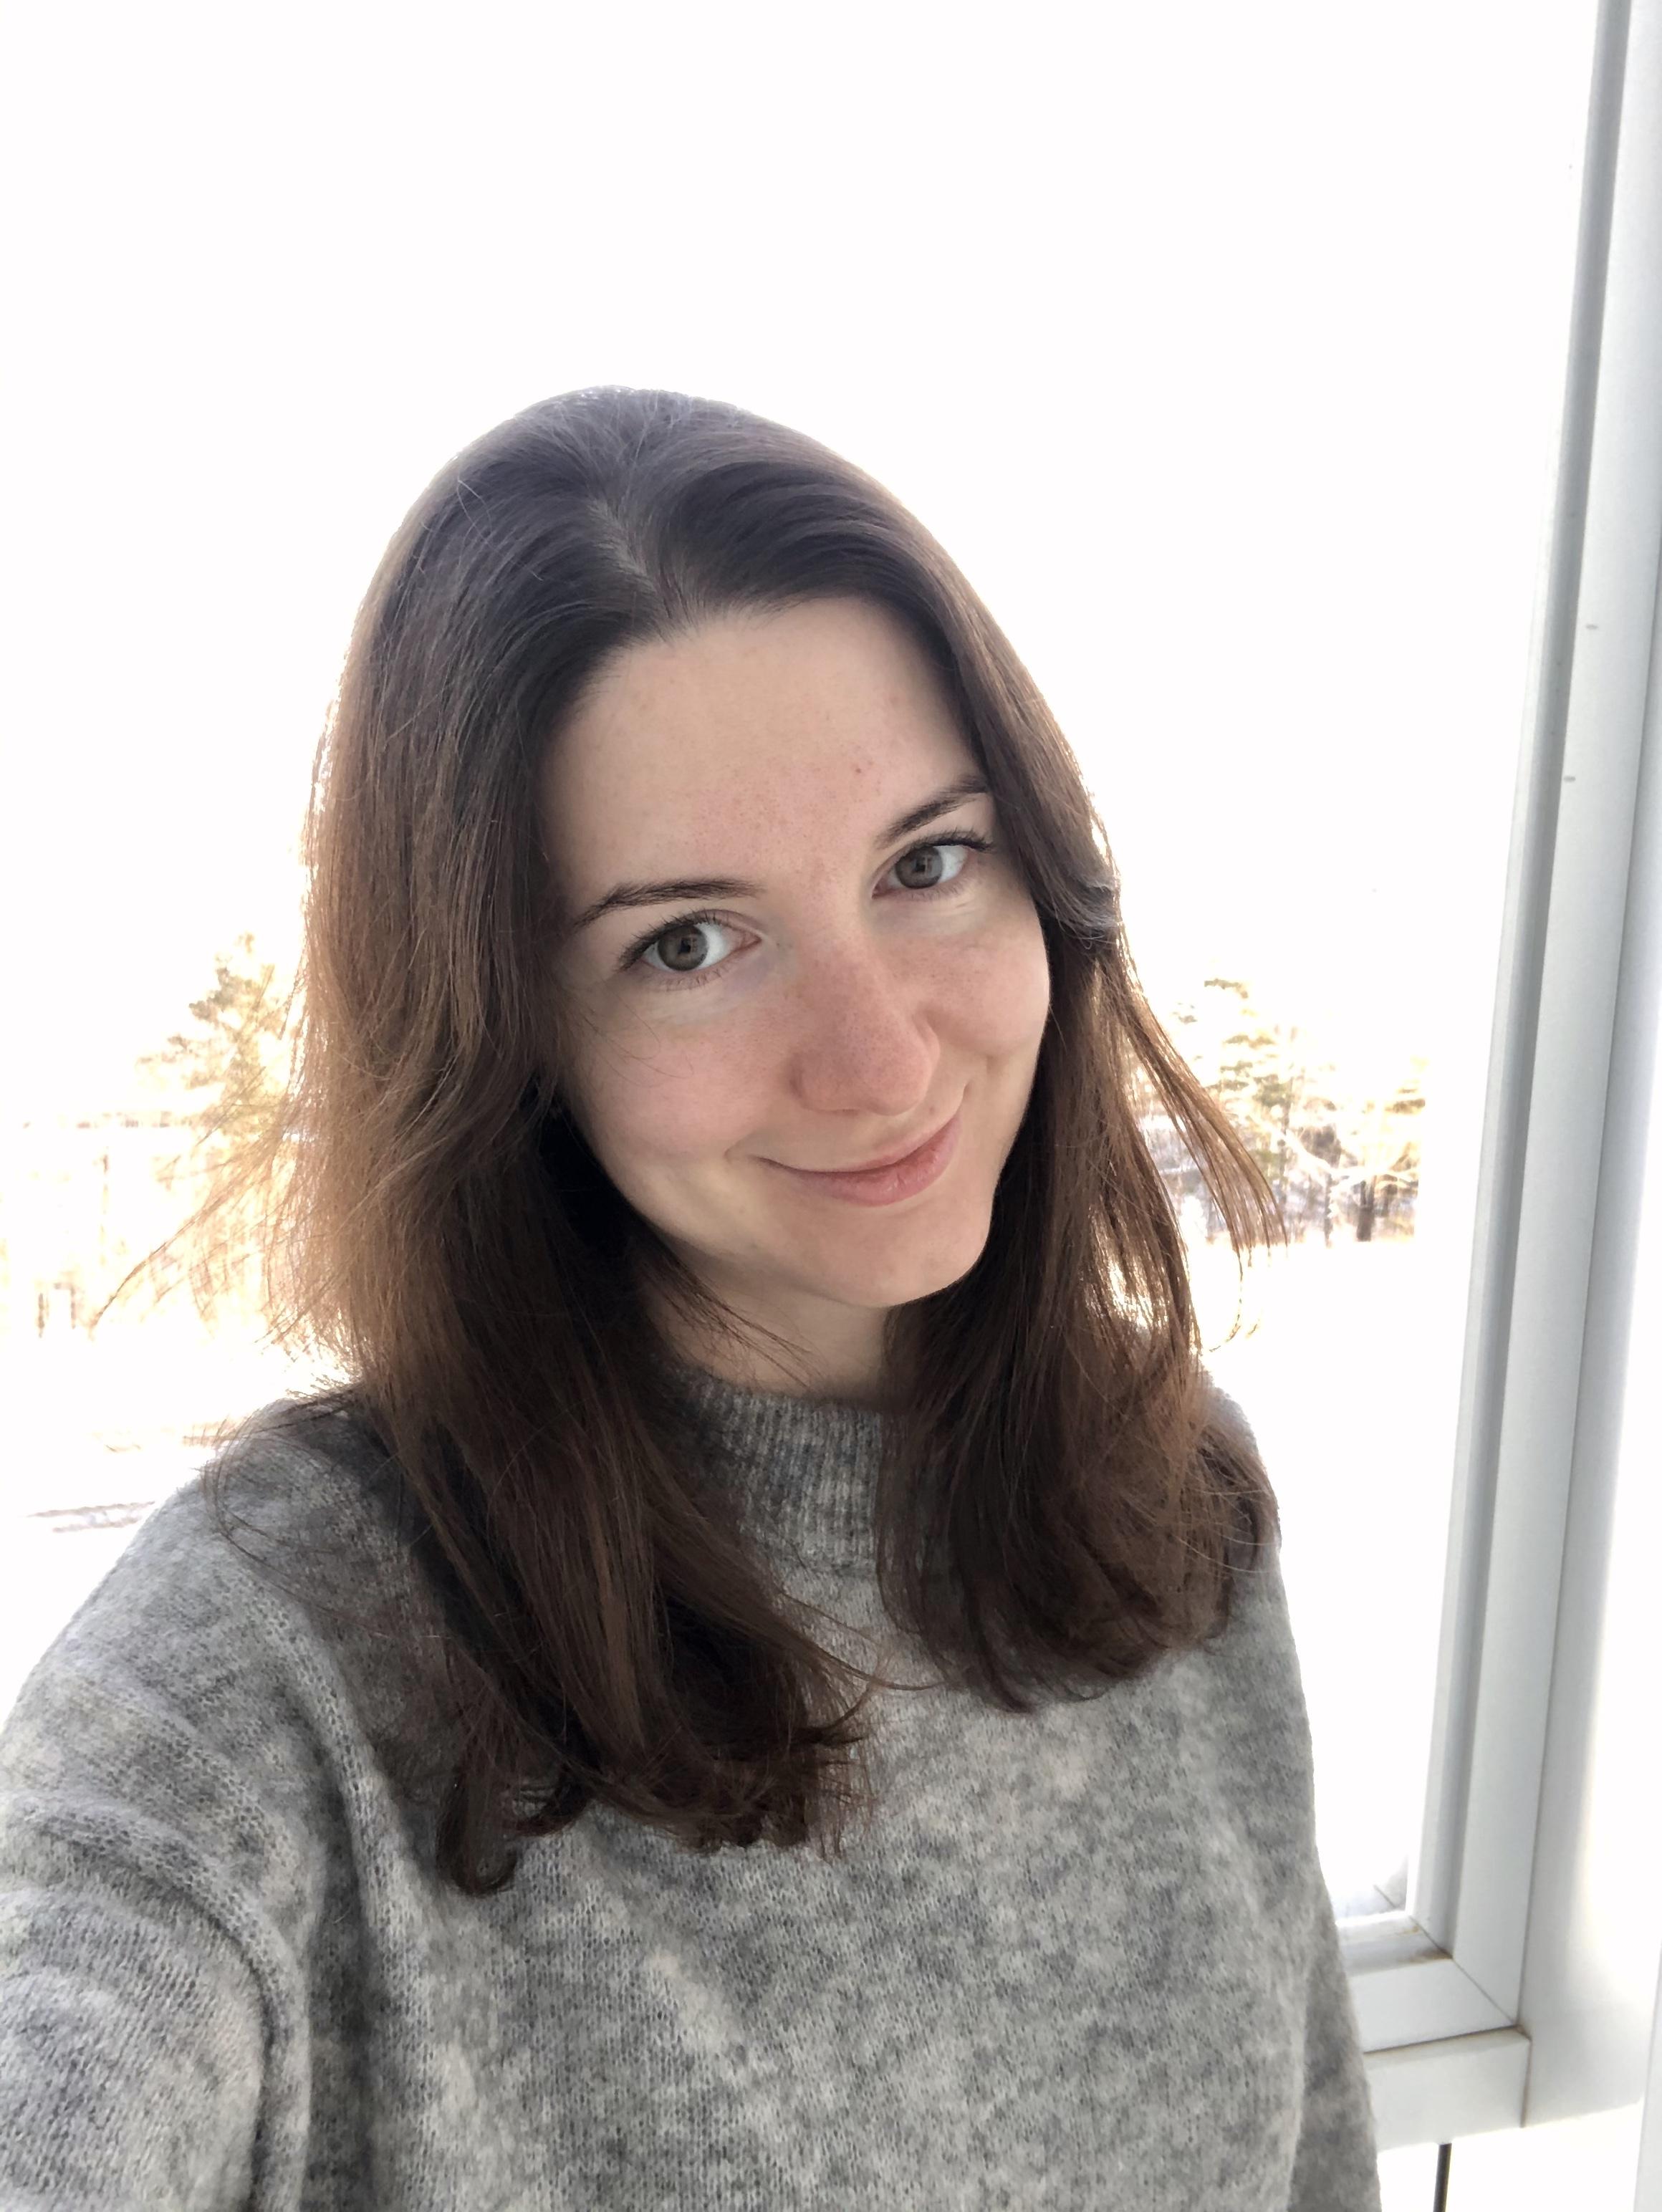 Ksenia_face